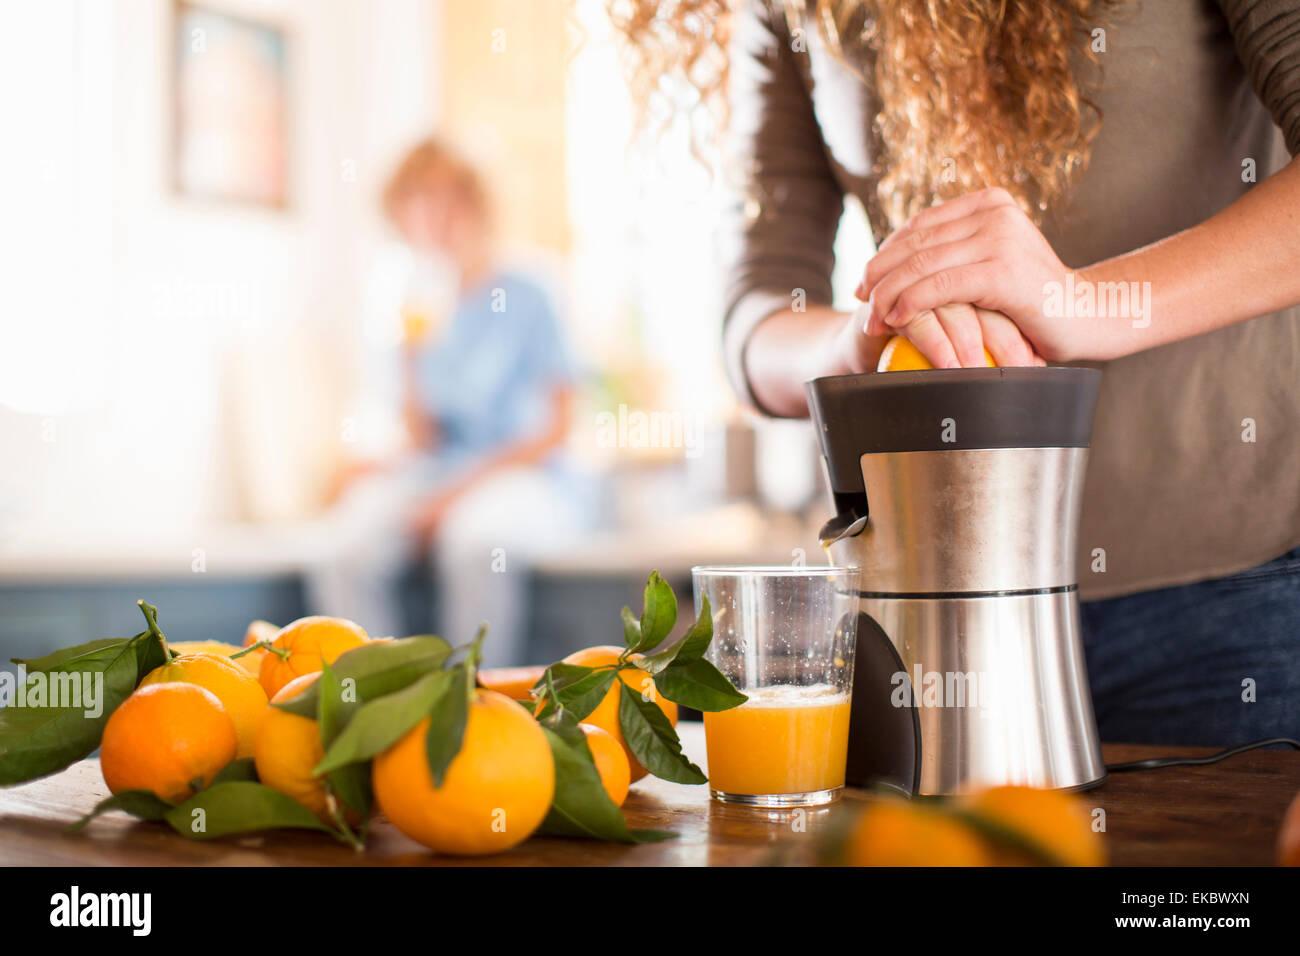 Teenager-Mädchen Entsaften Orange in Küche Stockbild